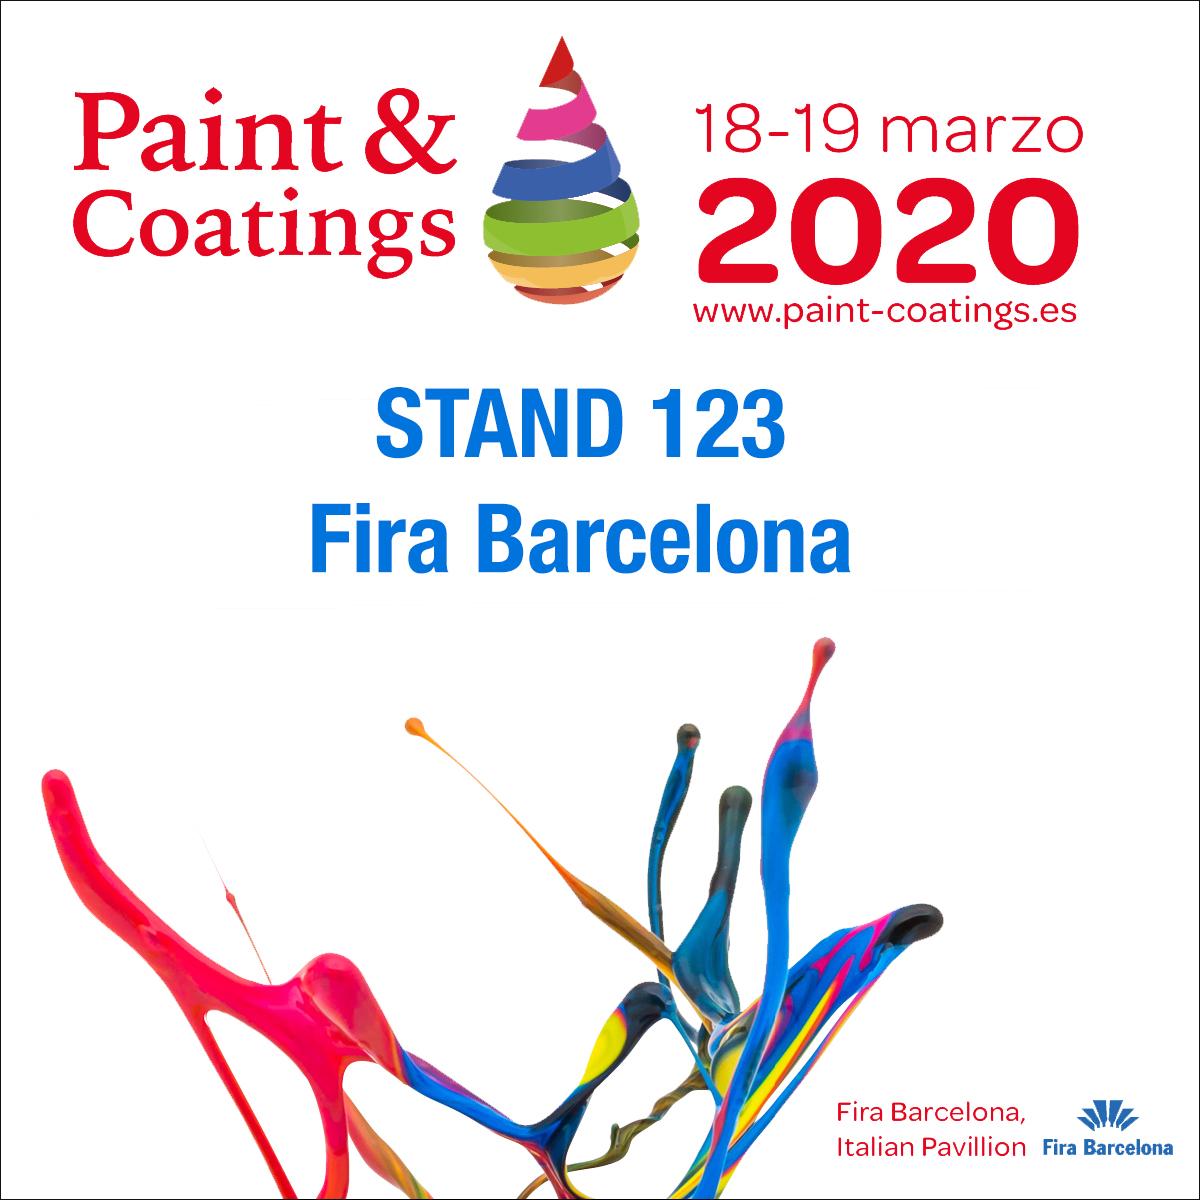 Véanos en https://www.paint-coatings.es/lista-de-expositores/